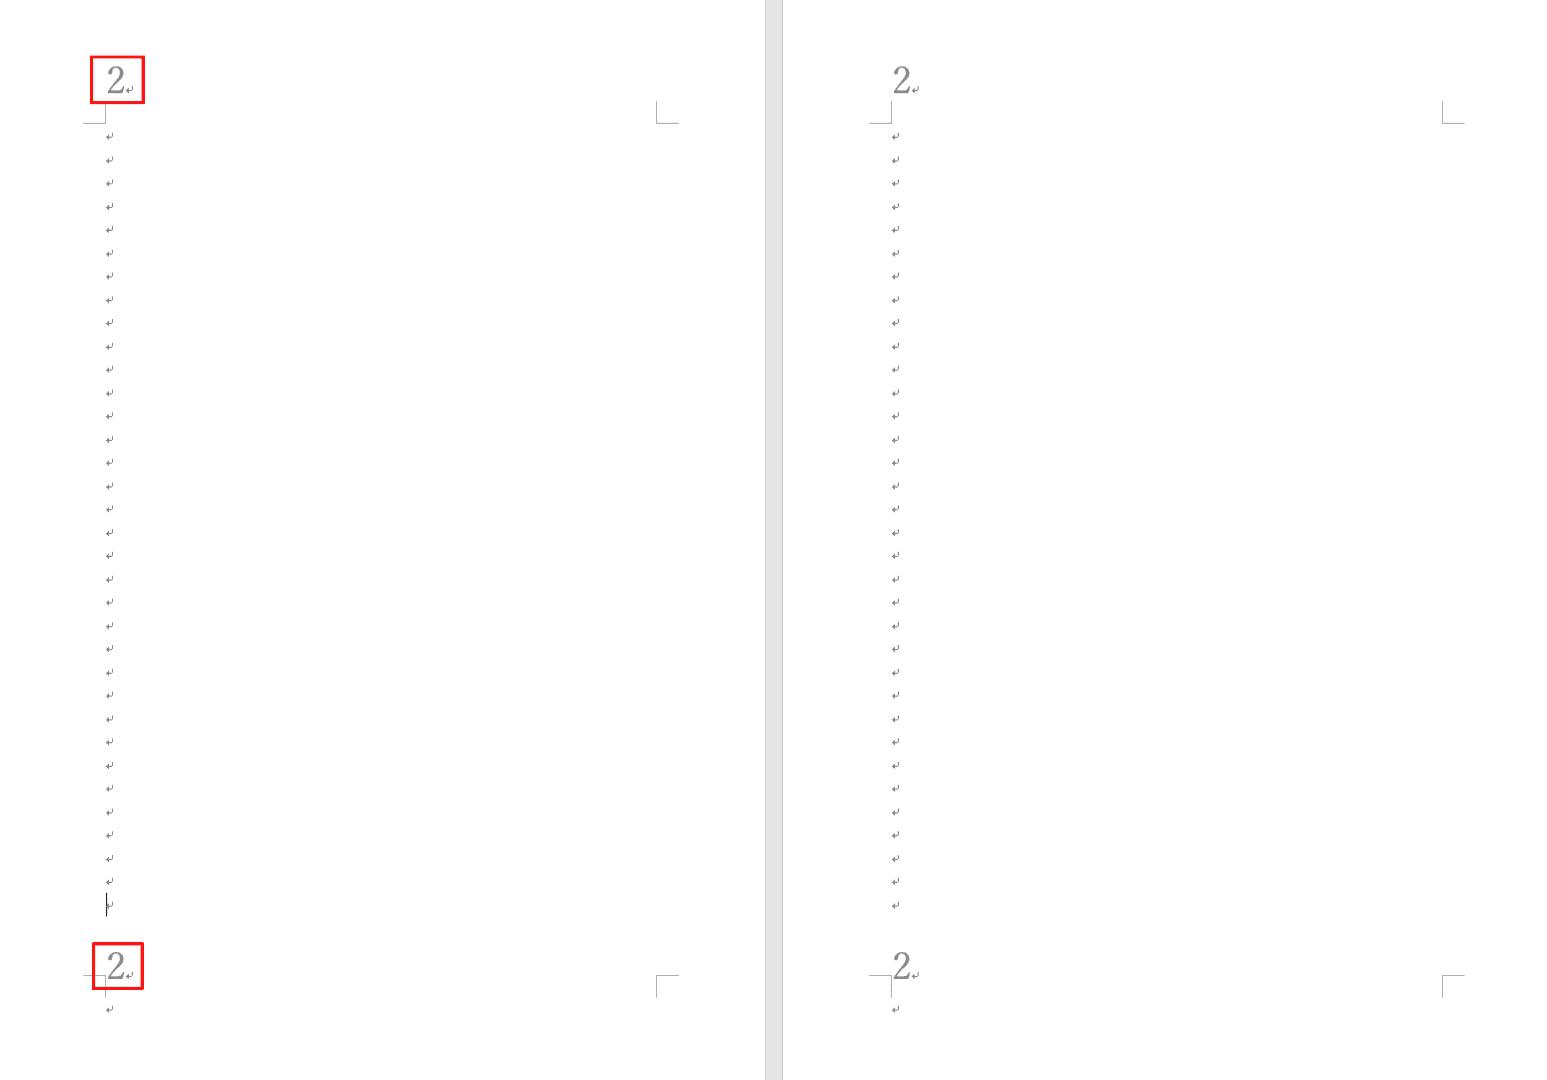 ページ番号が統一